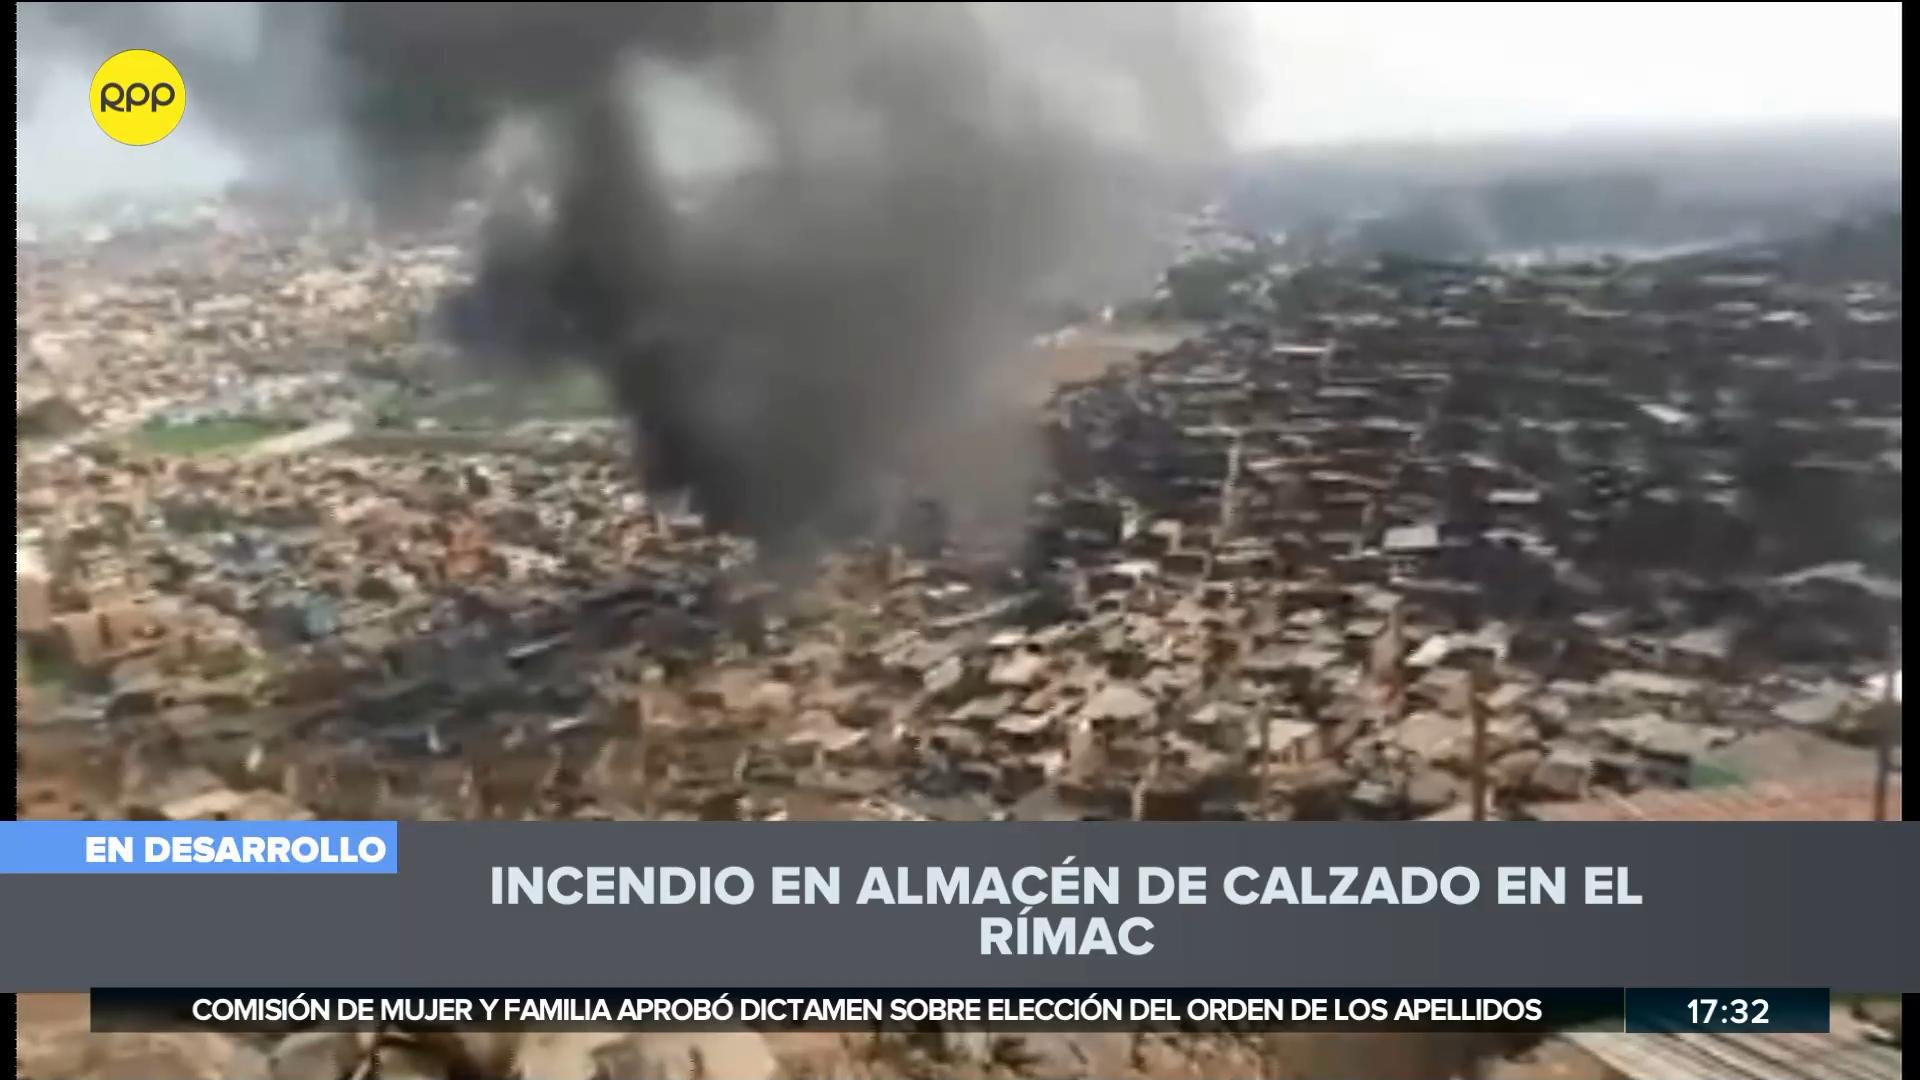 Más de 13 unidades de los Bomberos trabajan para controlar la emergencia.